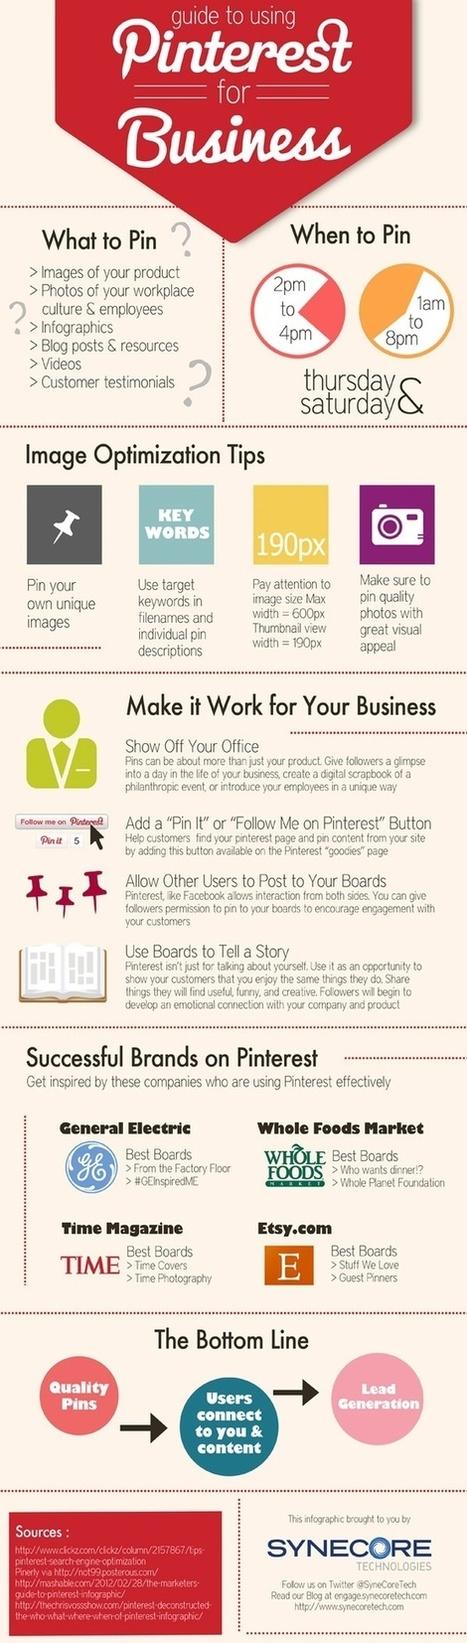 Utilisez Pinterest pour valoriser votre business, vos marques ou produits ! | Réseaux Sociaux dernières infos | Scoop.it